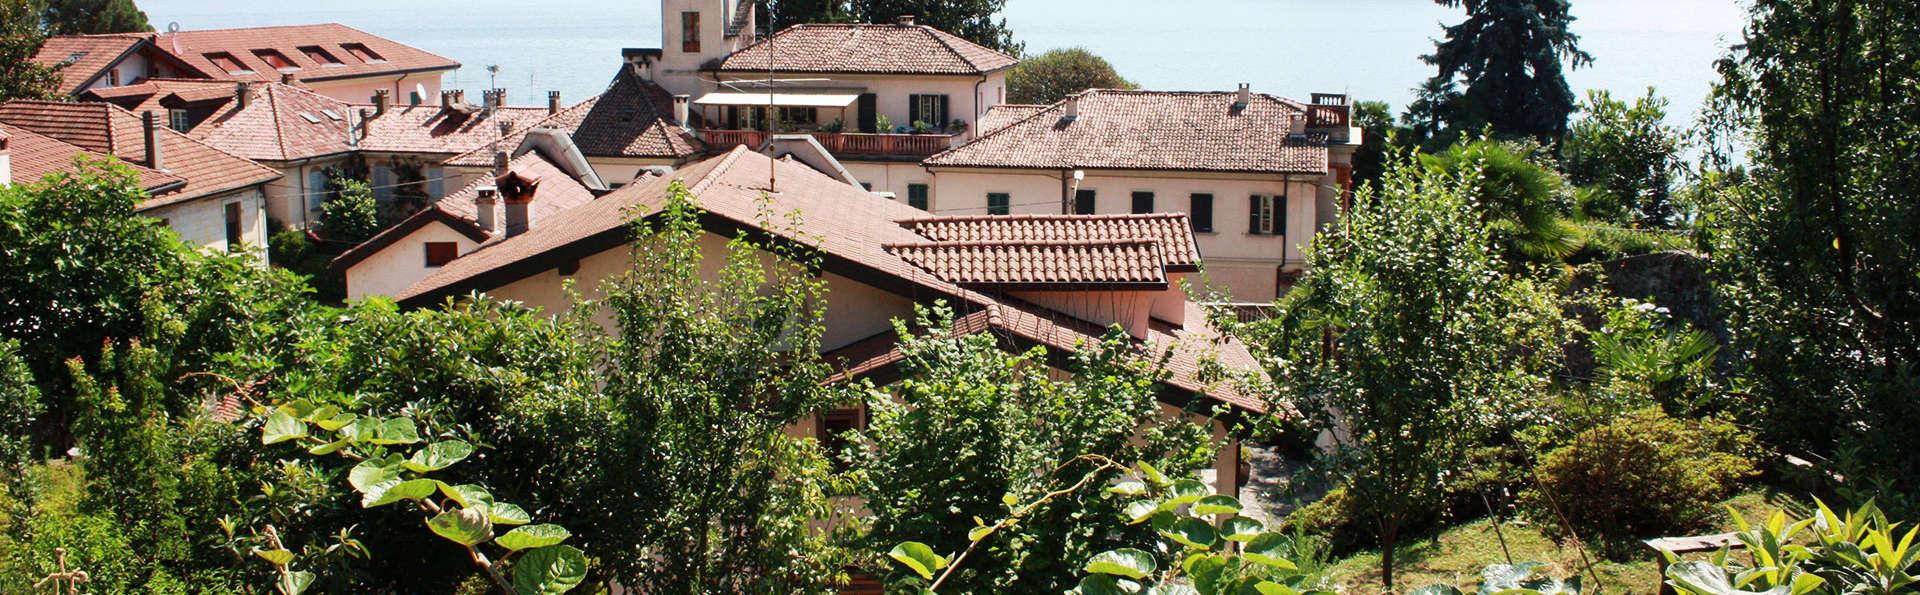 Residence Antico Verbano - edit_miena.jpg